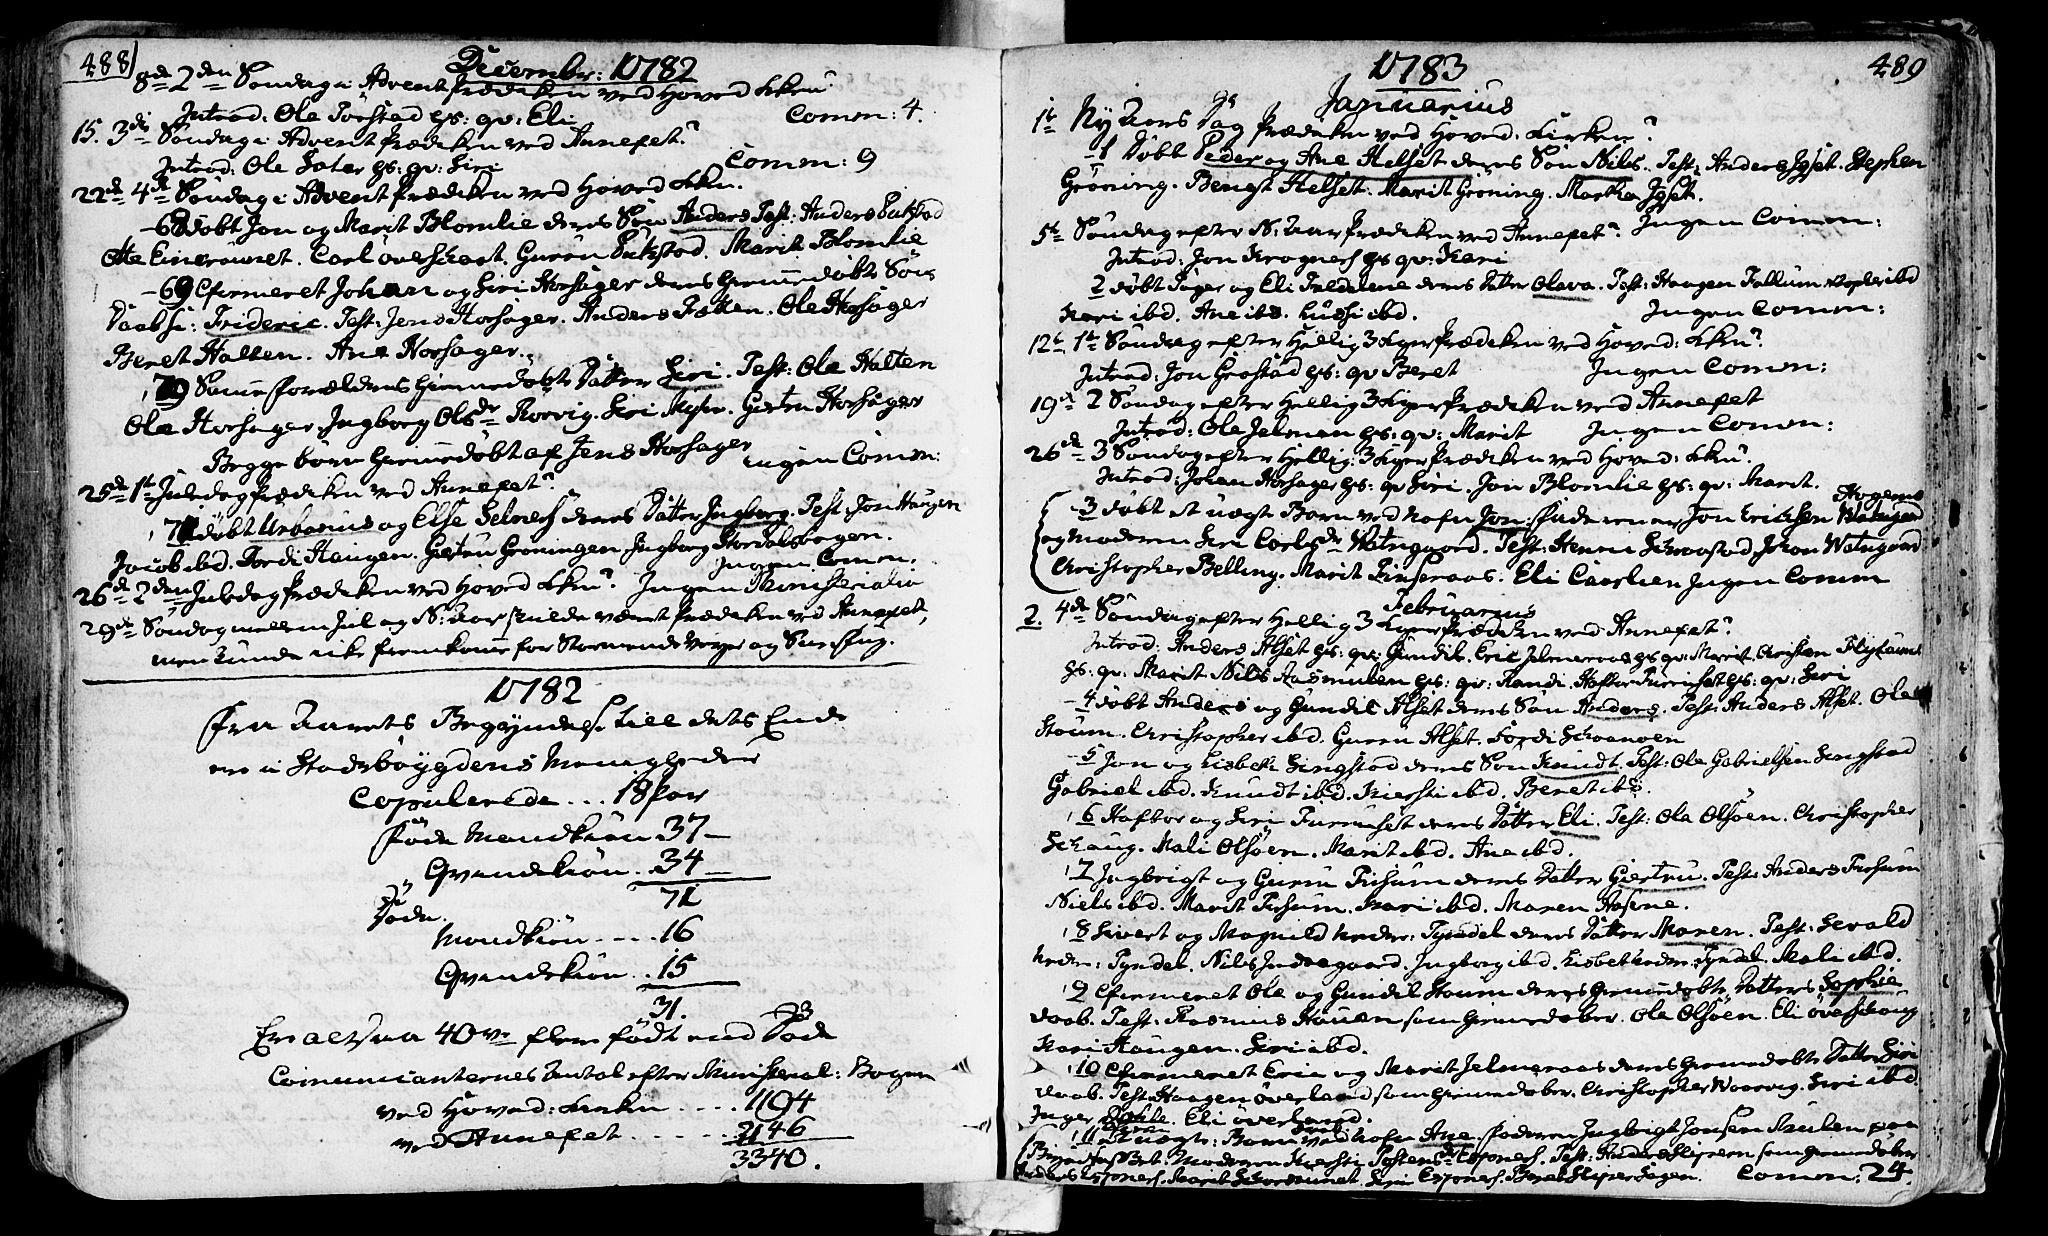 SAT, Ministerialprotokoller, klokkerbøker og fødselsregistre - Sør-Trøndelag, 646/L0605: Ministerialbok nr. 646A03, 1751-1790, s. 488-489